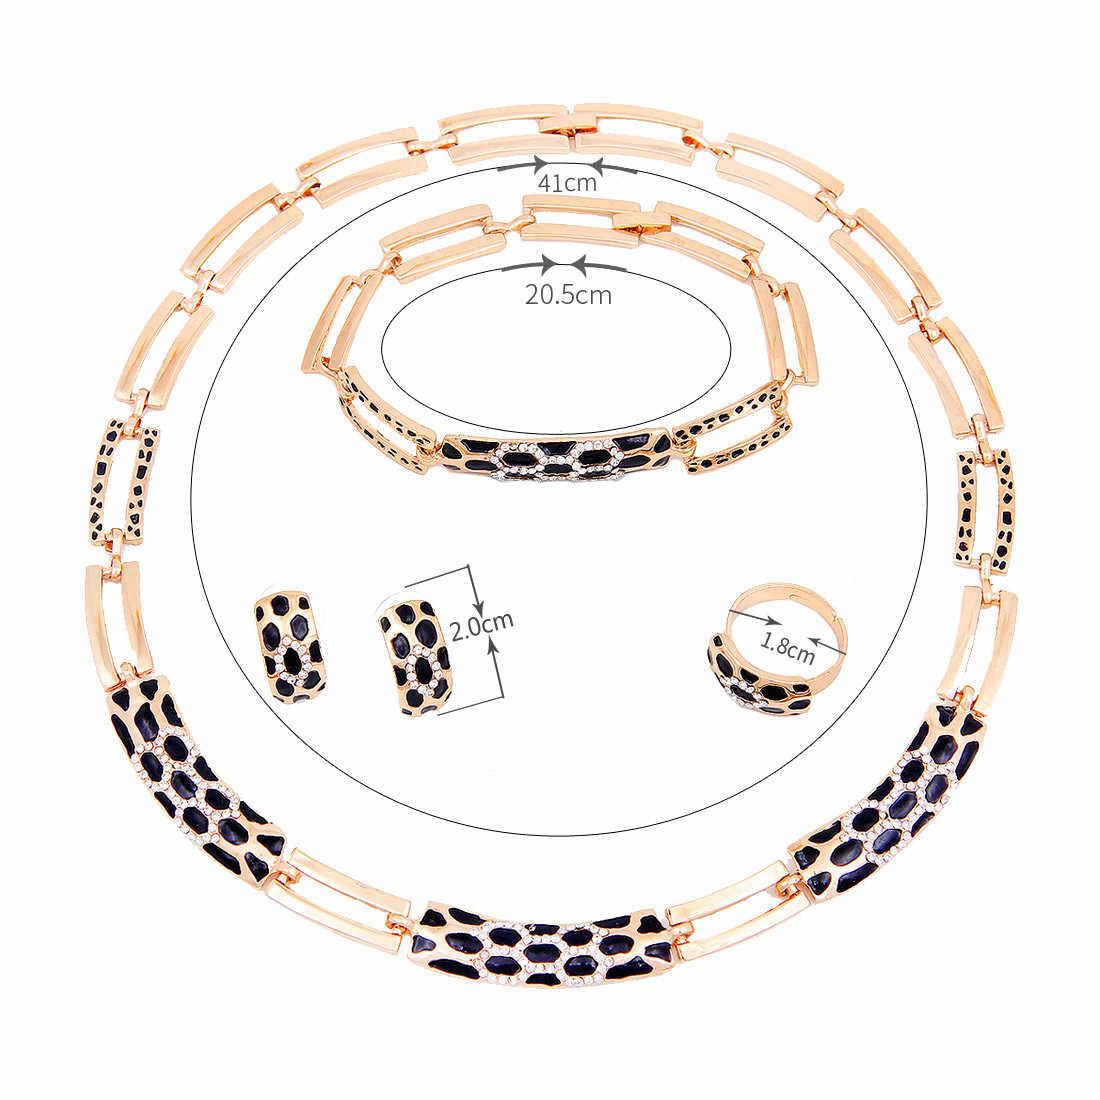 Großhandel Nigerian Frauen Hochzeit Schmuck Sets Colliers Halskette Ohrringe Studs Braut Dubai Gold Afrikanischen Schmuck-Set